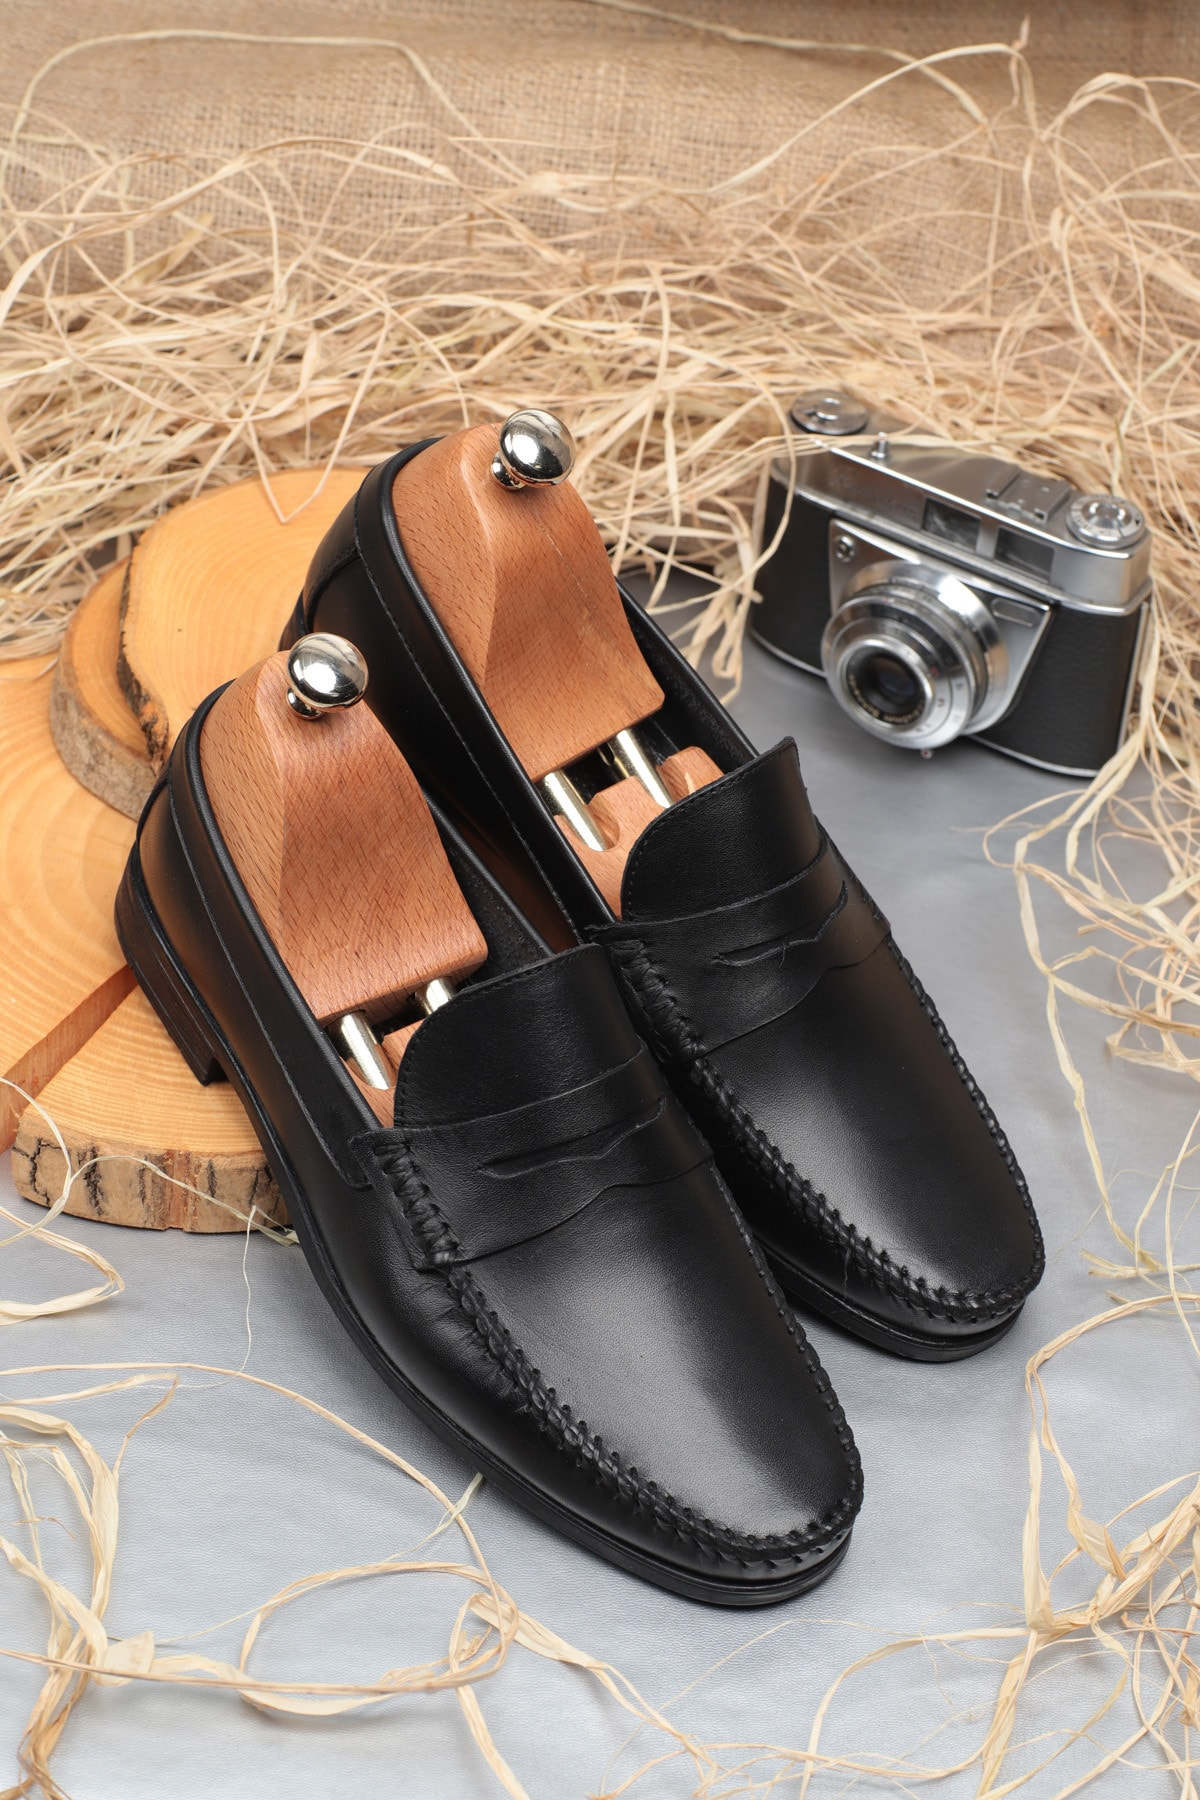 Daxtors D10180 Günlük Klasik Hakiki Deri Baba Ayakkabısı 0